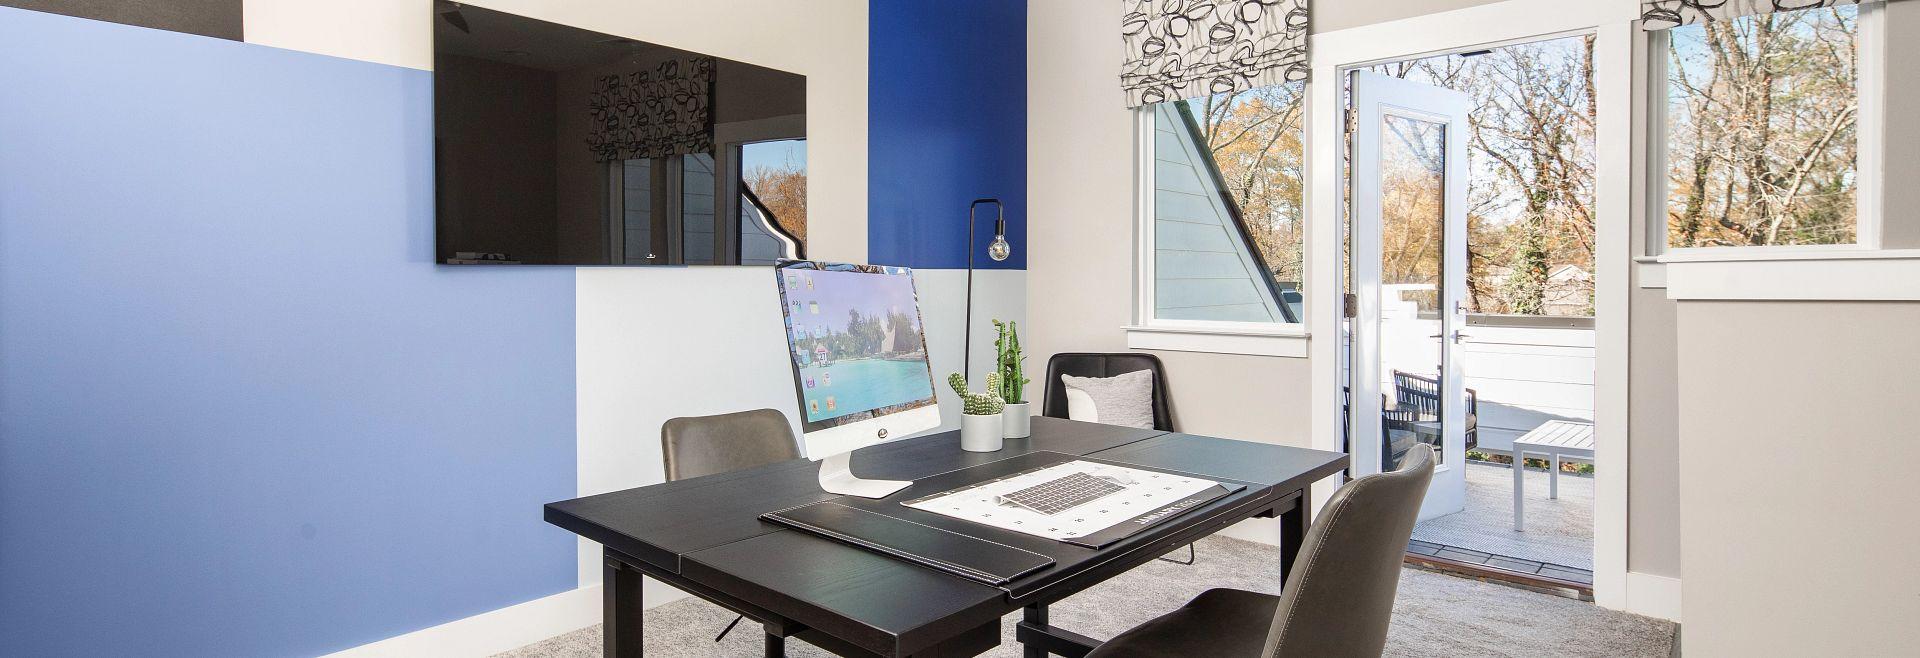 Rec Room & Rooftop Terrace